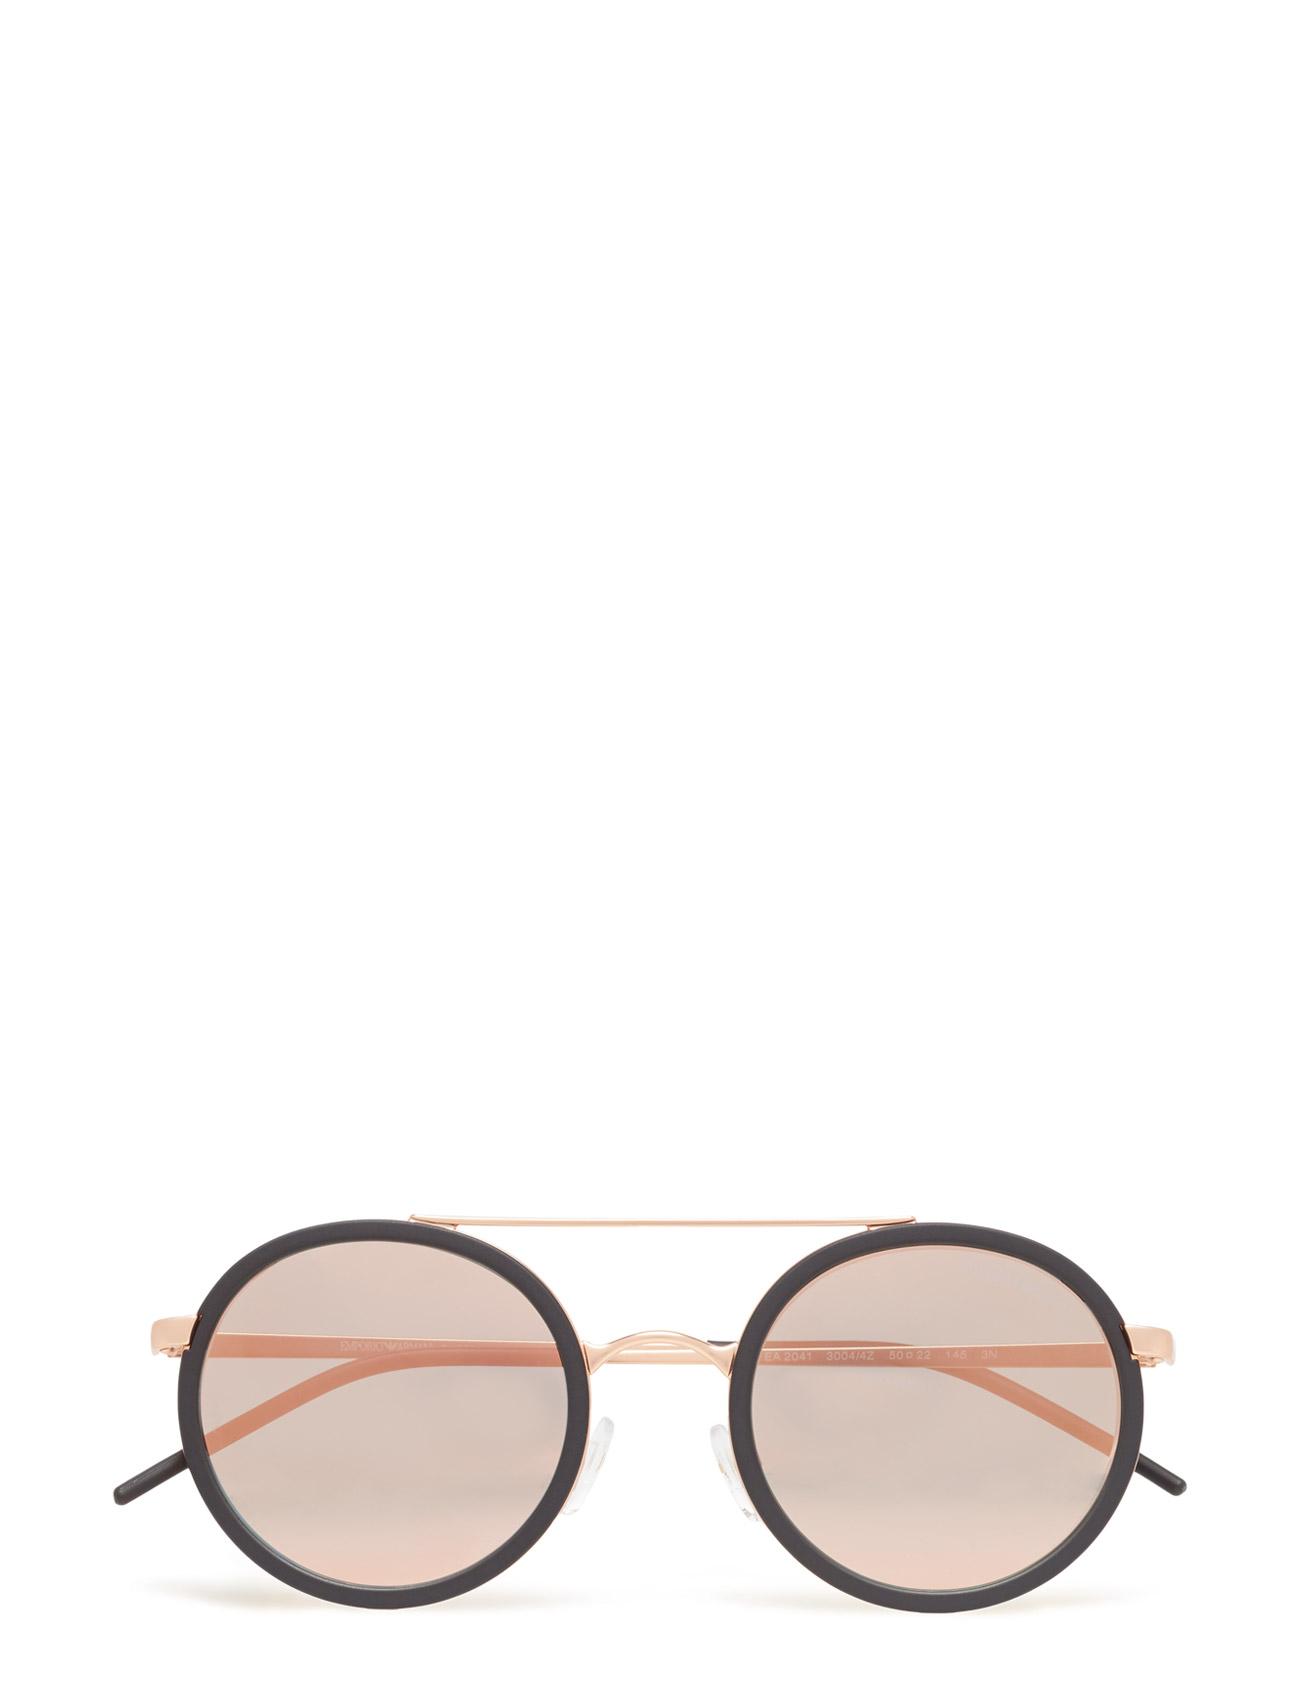 Trend Emporio Armani Sunglasses Solbriller til Herrer i